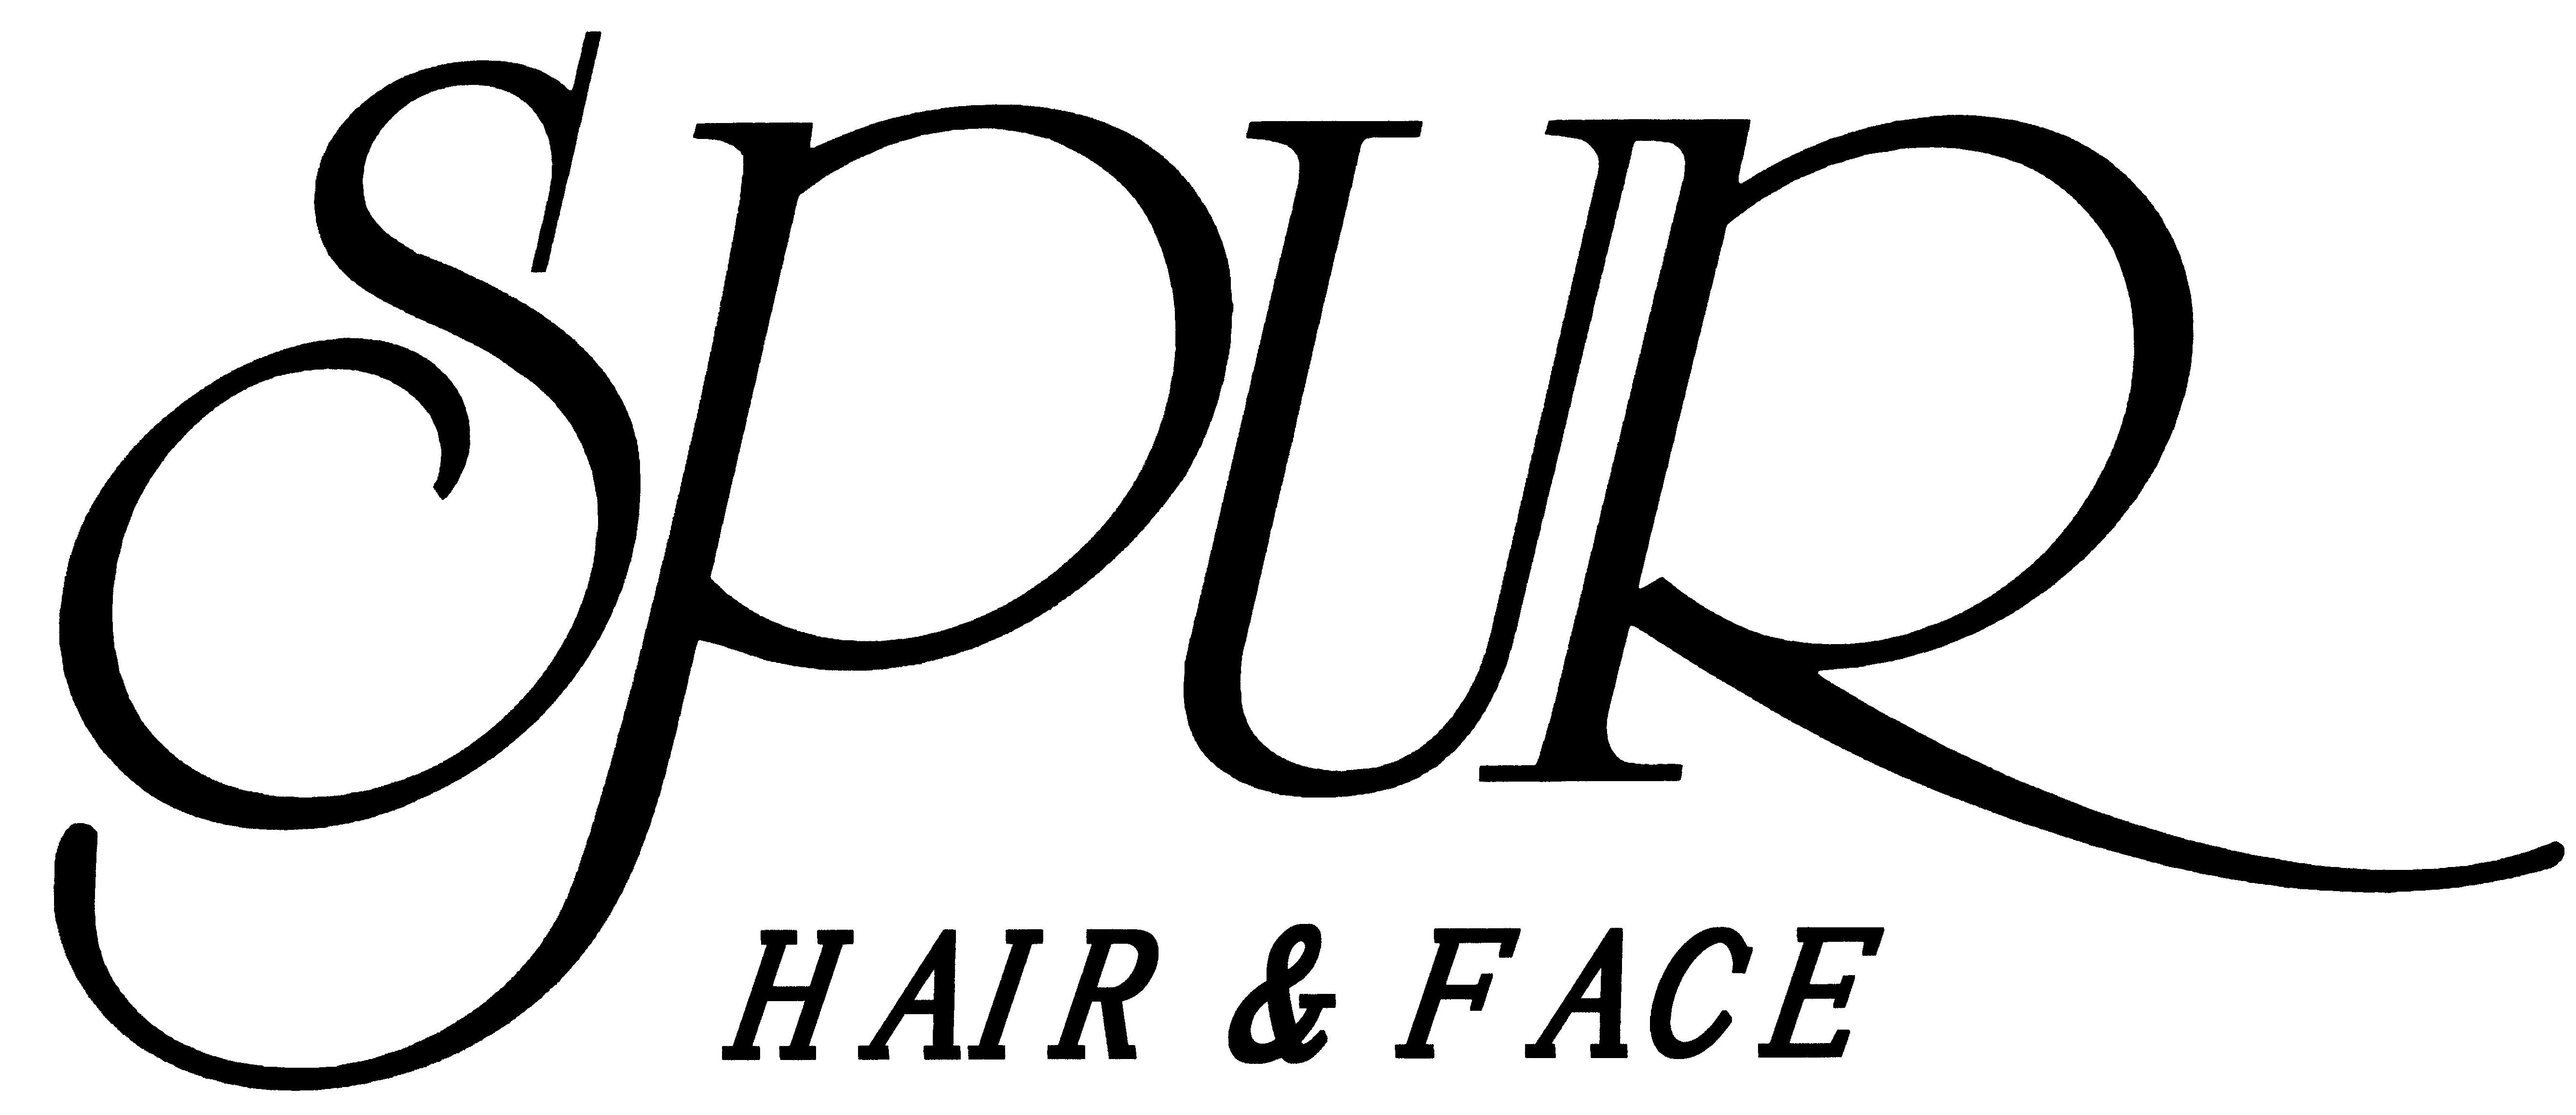 高松市でカラー&縮毛矯正するならシュプール美容室